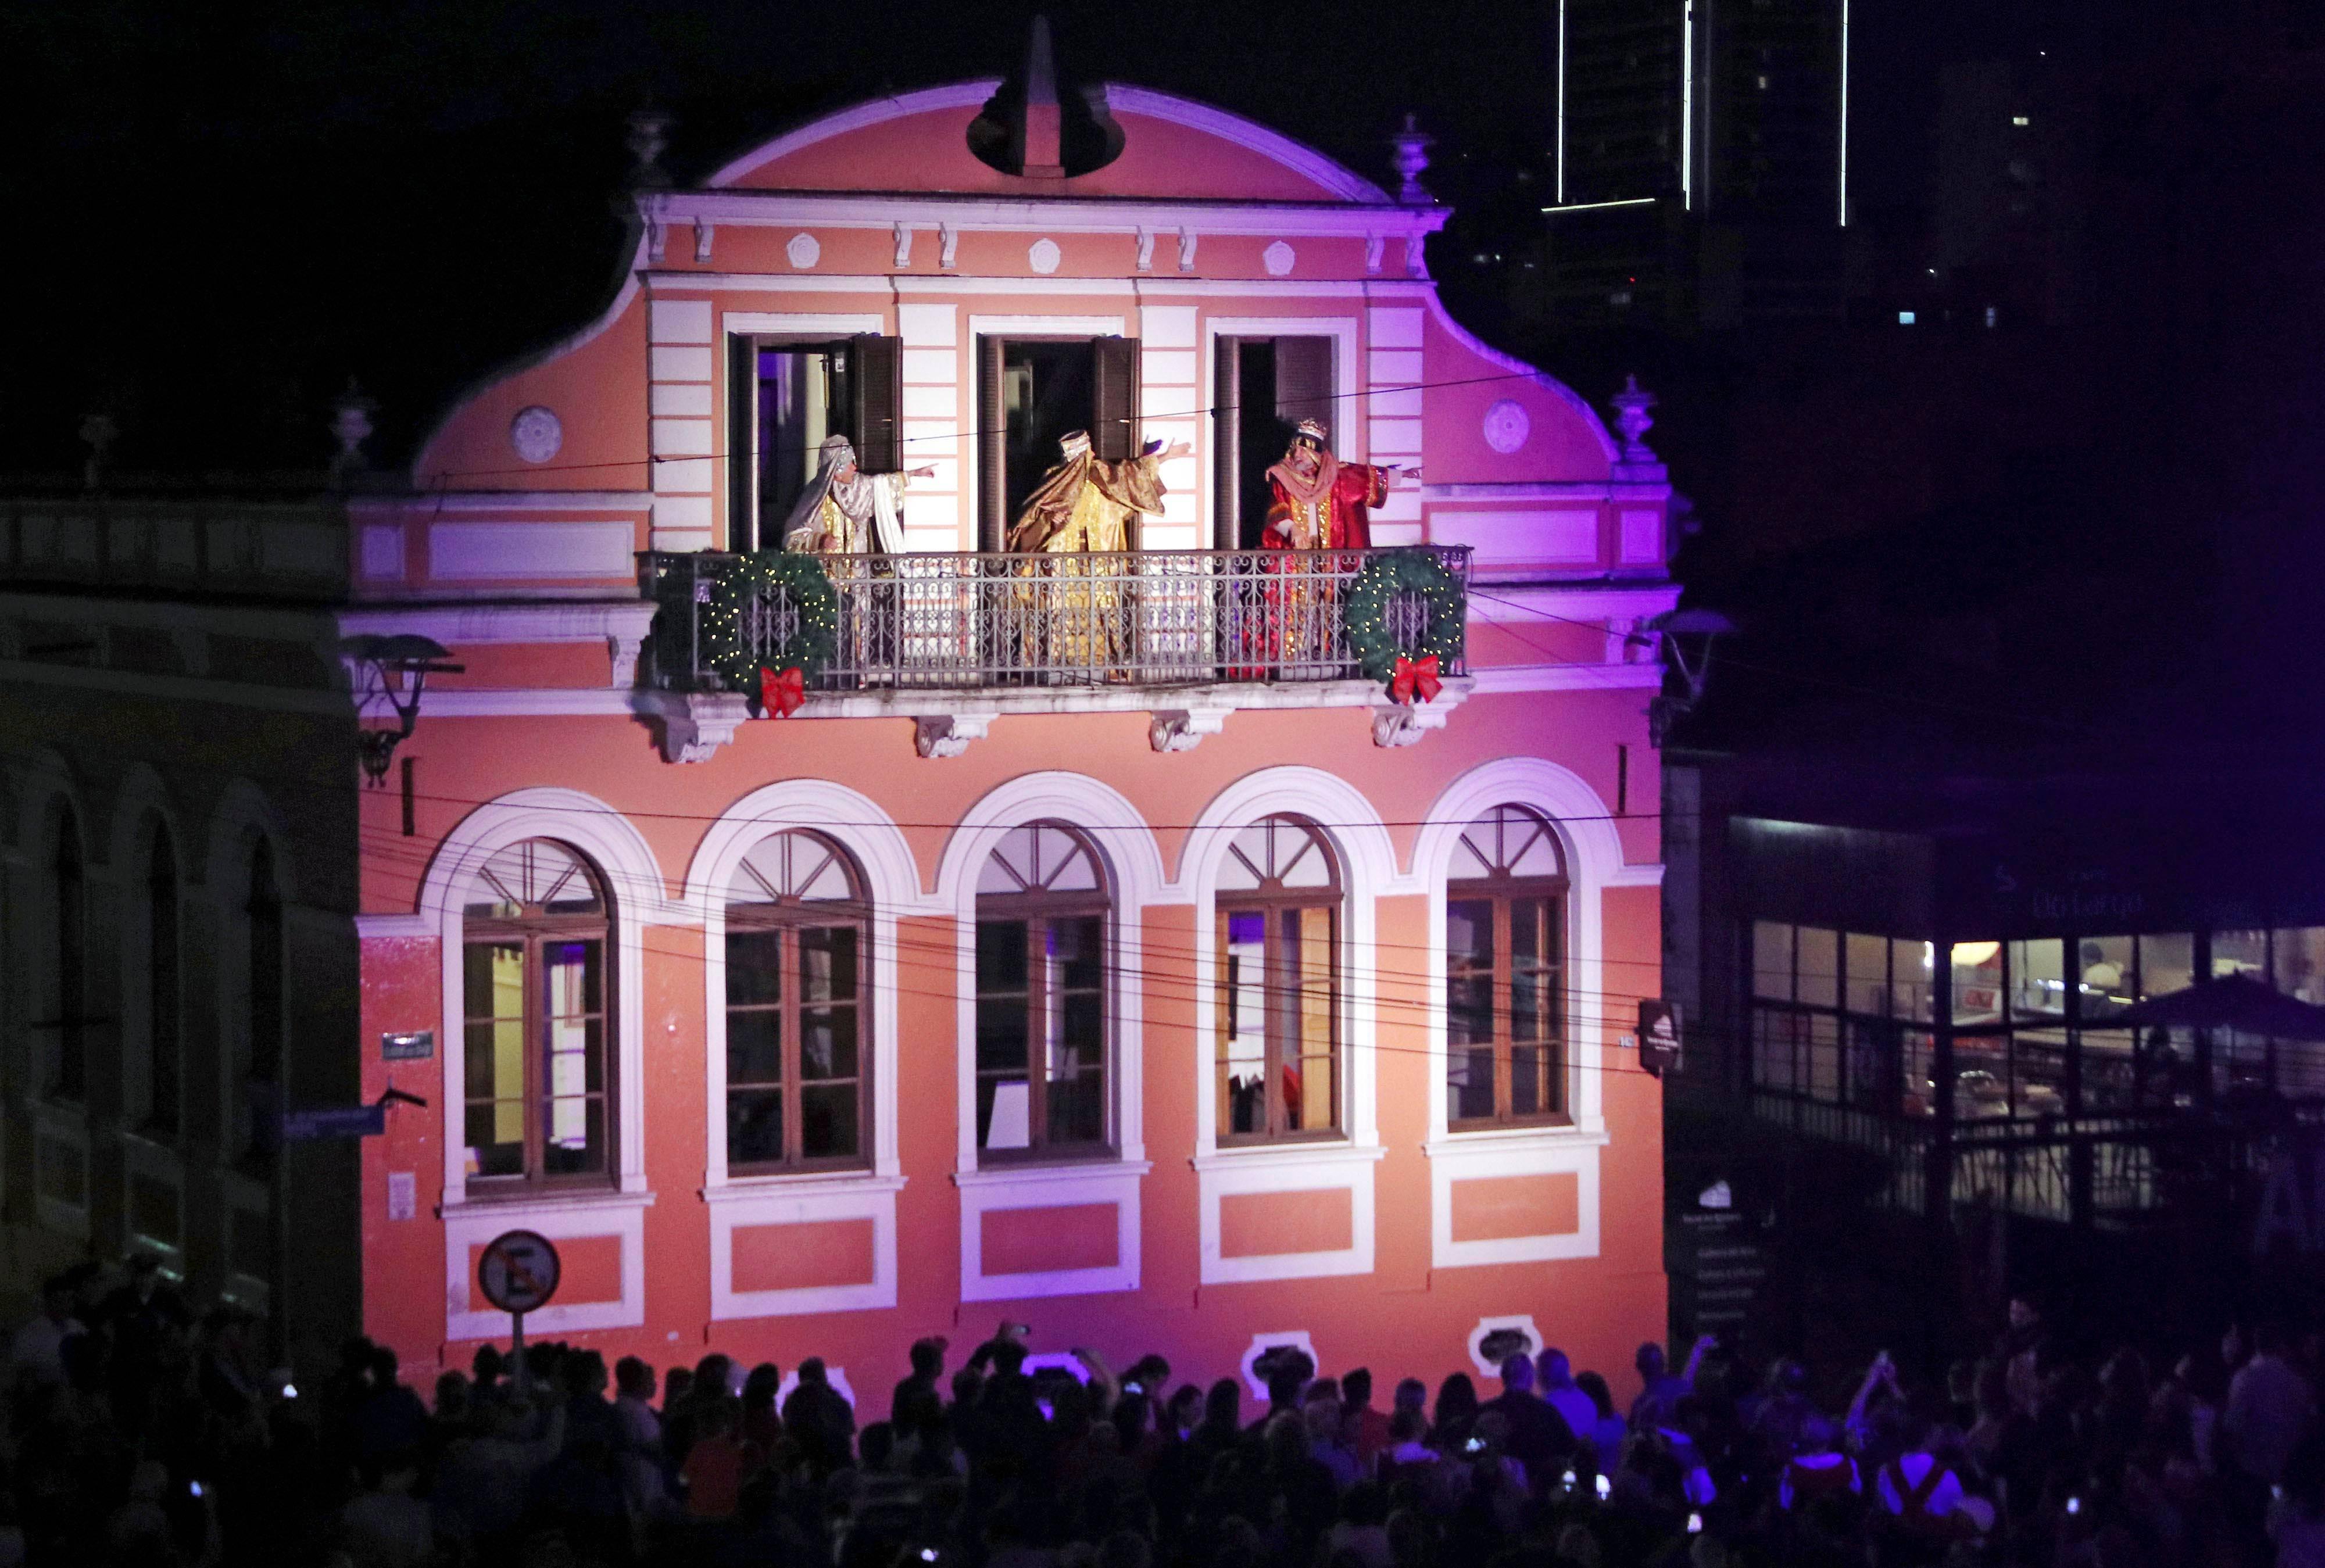 As encenações são realizadas em diferentes pontos do Centro Histórico. Foto: Lucilia Guimarães/Prefeitura de Curitiba